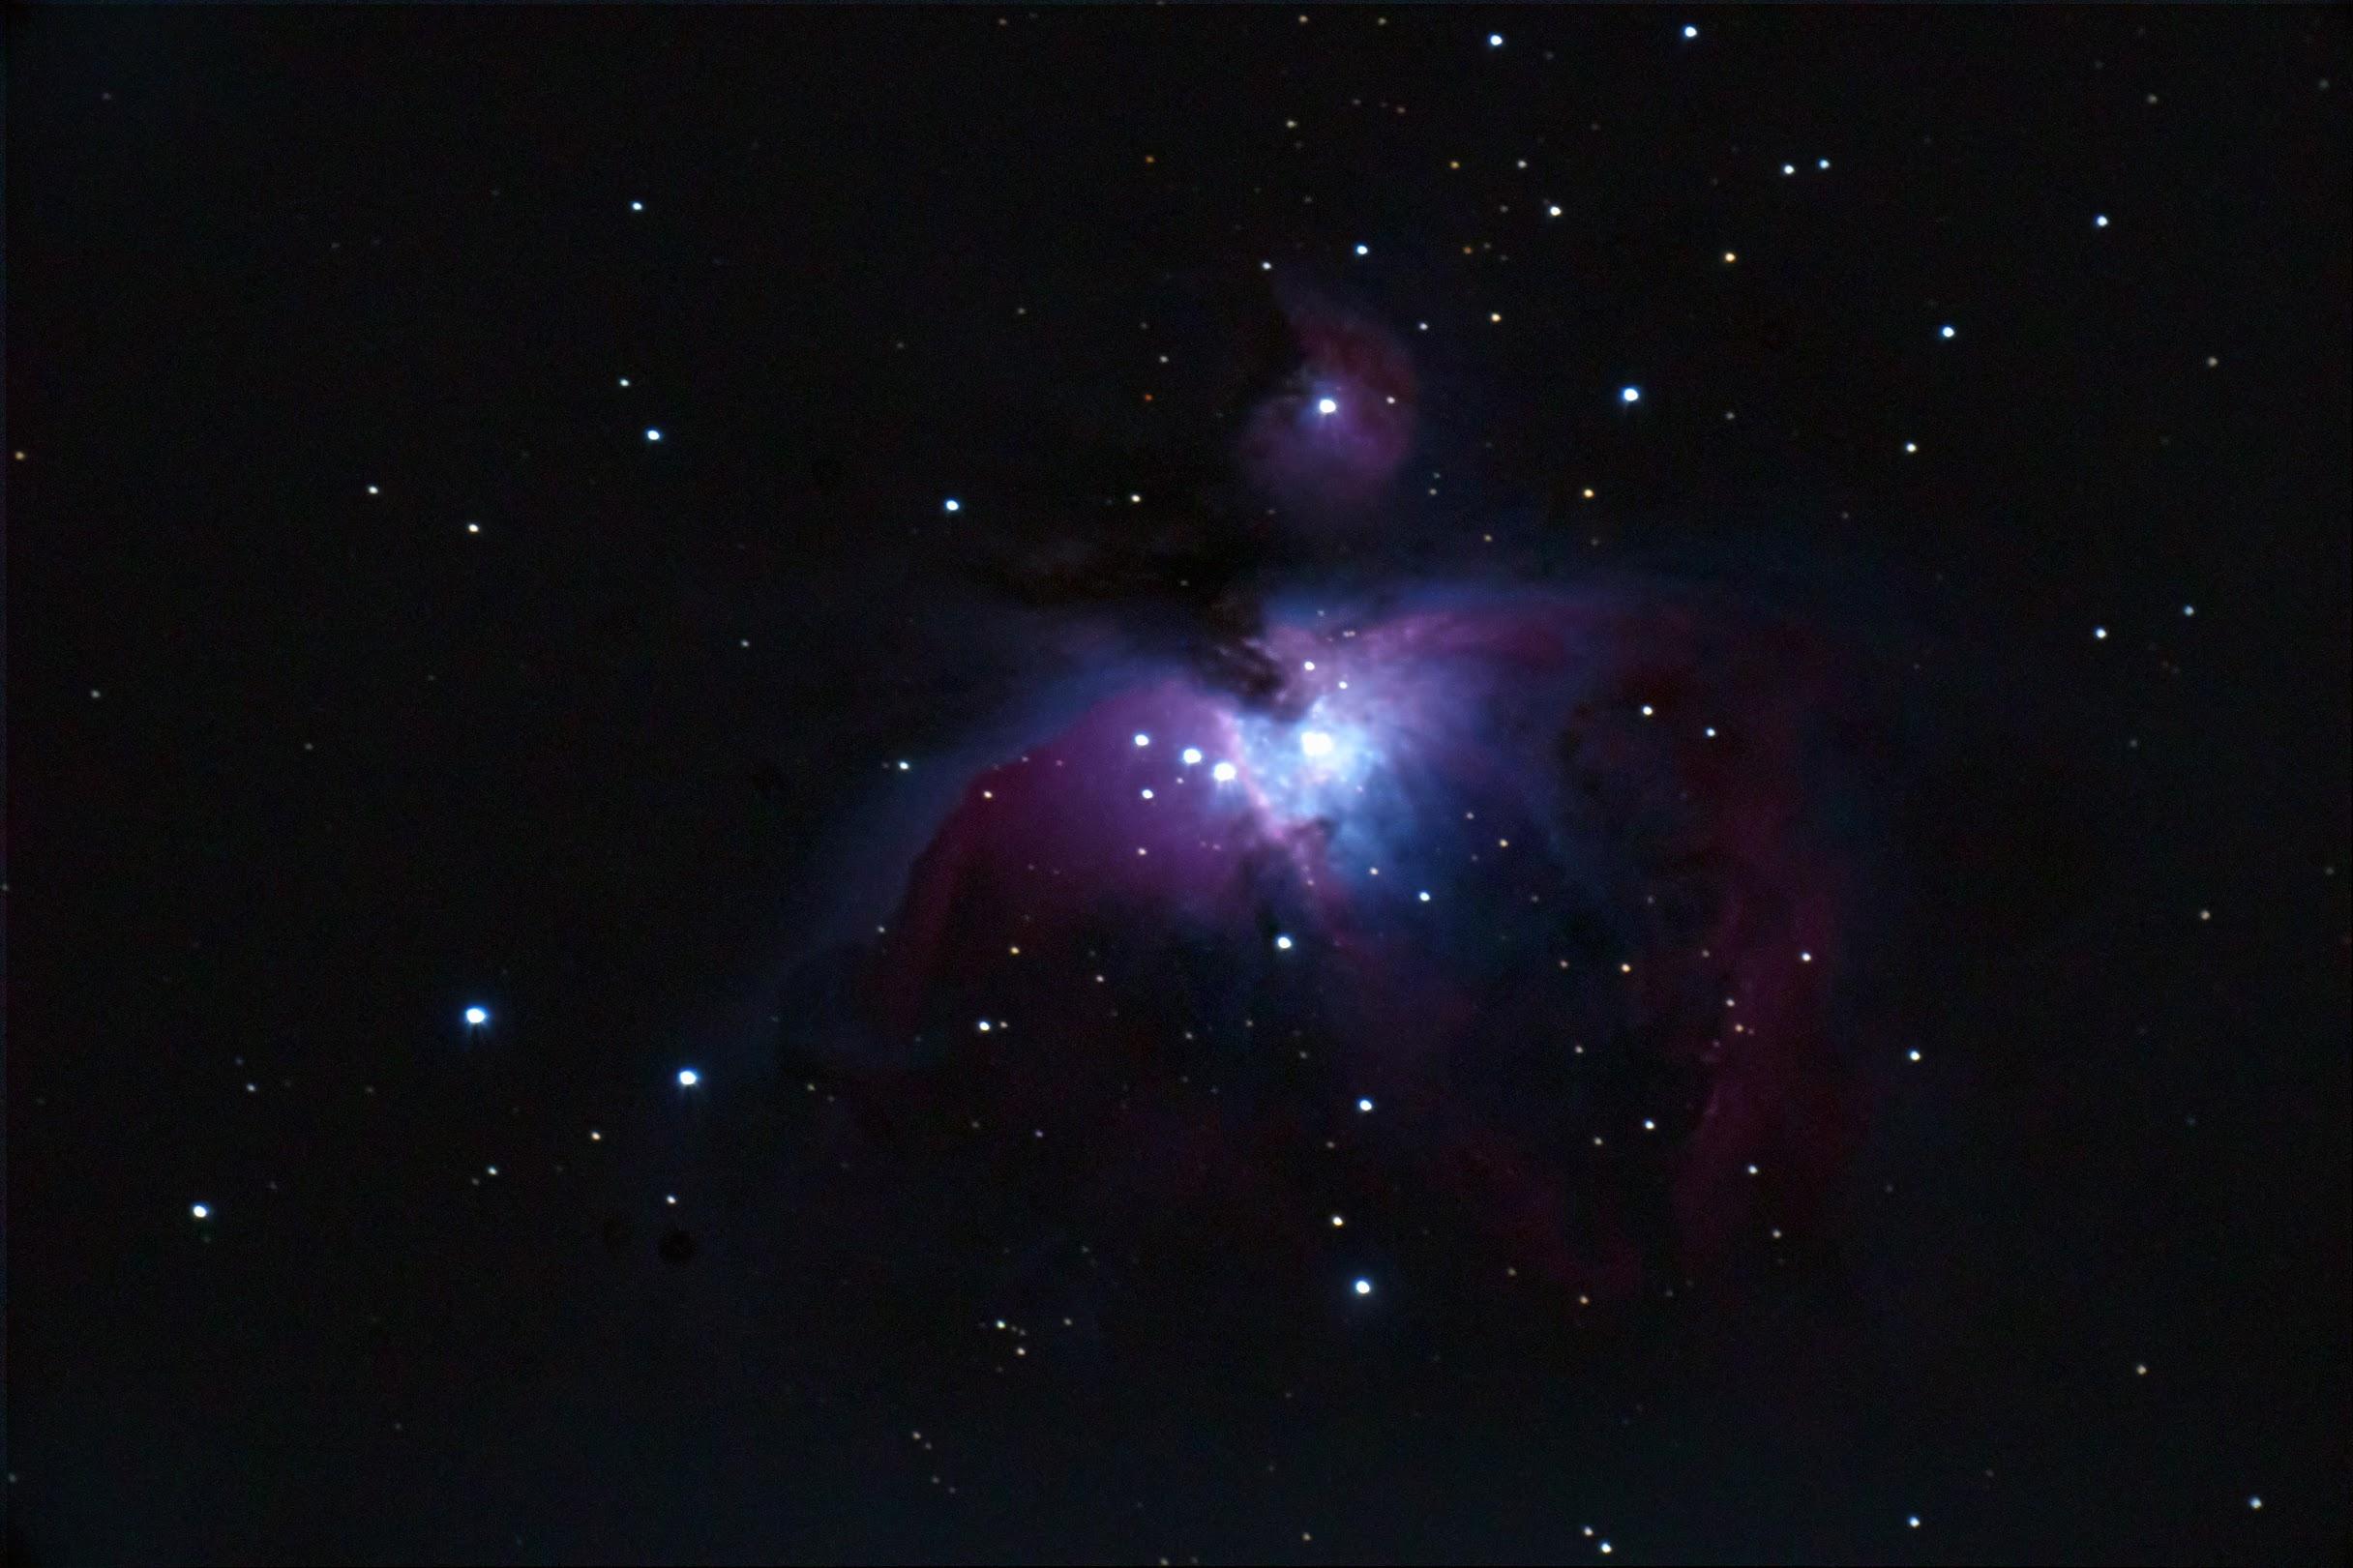 「M42オリオン大星雲」MAK127(1500mm)で撮る